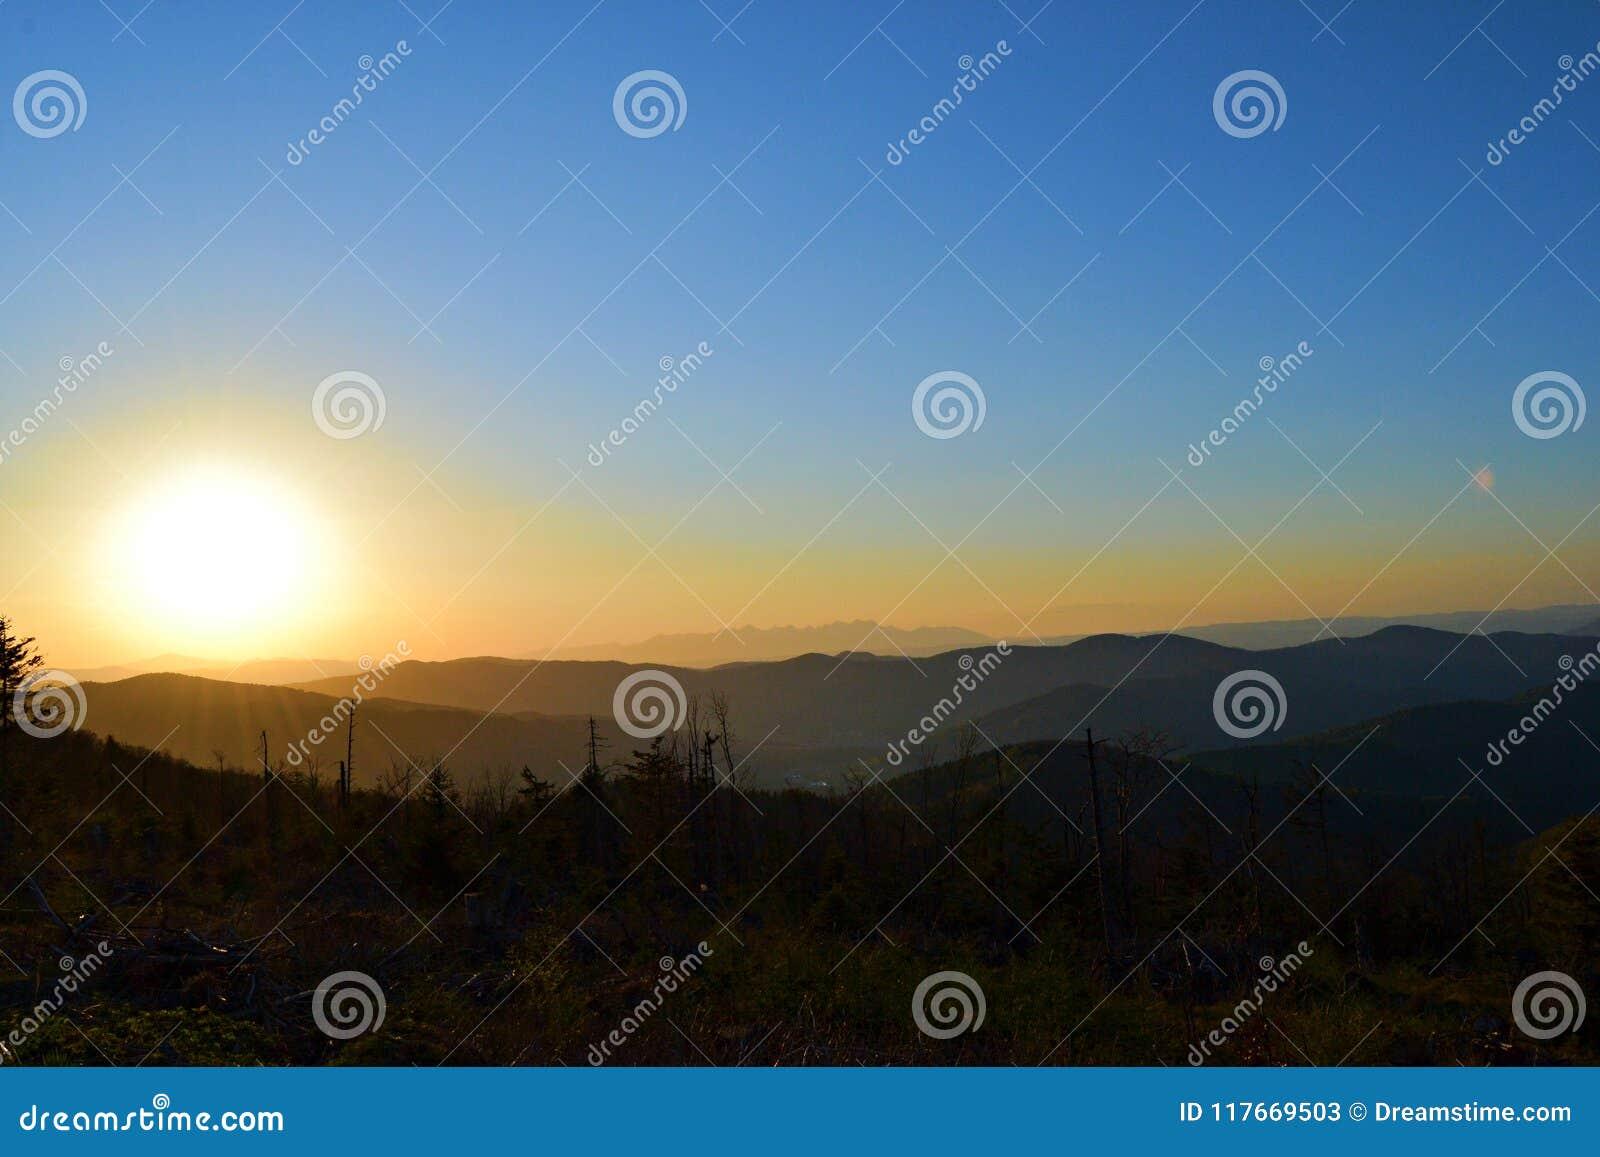 在小山上的美丽的太阳